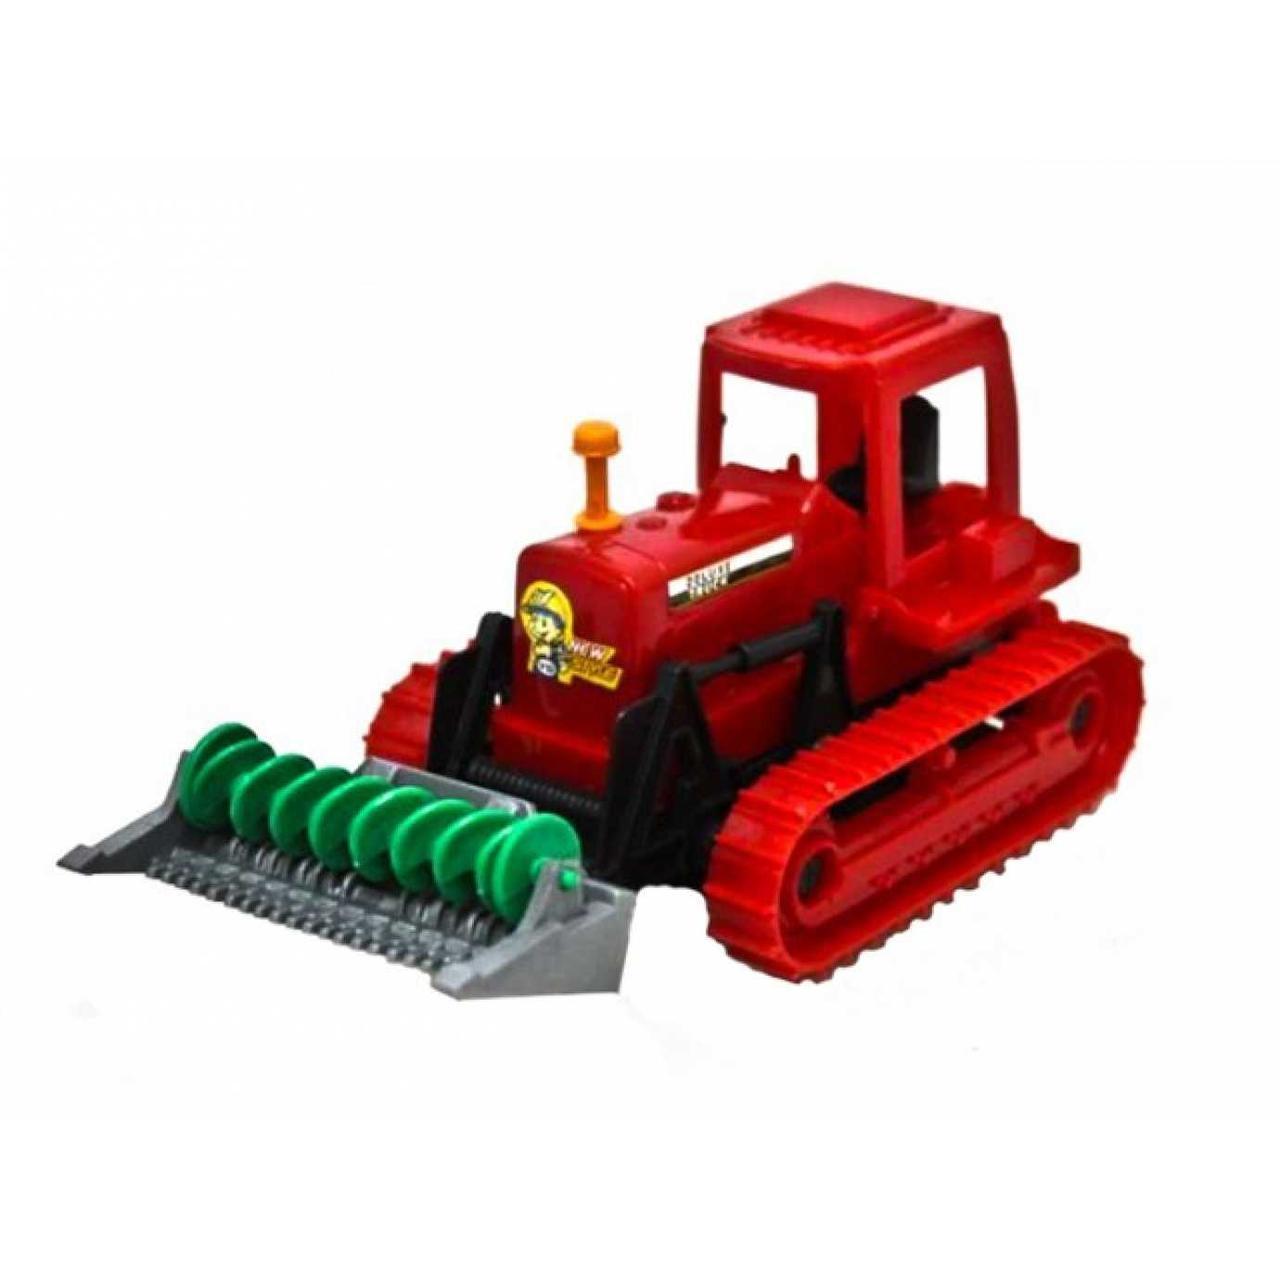 Трактор інерційний 17,5см, рухомі деталі, 17,5х12,5х8см Yd6312